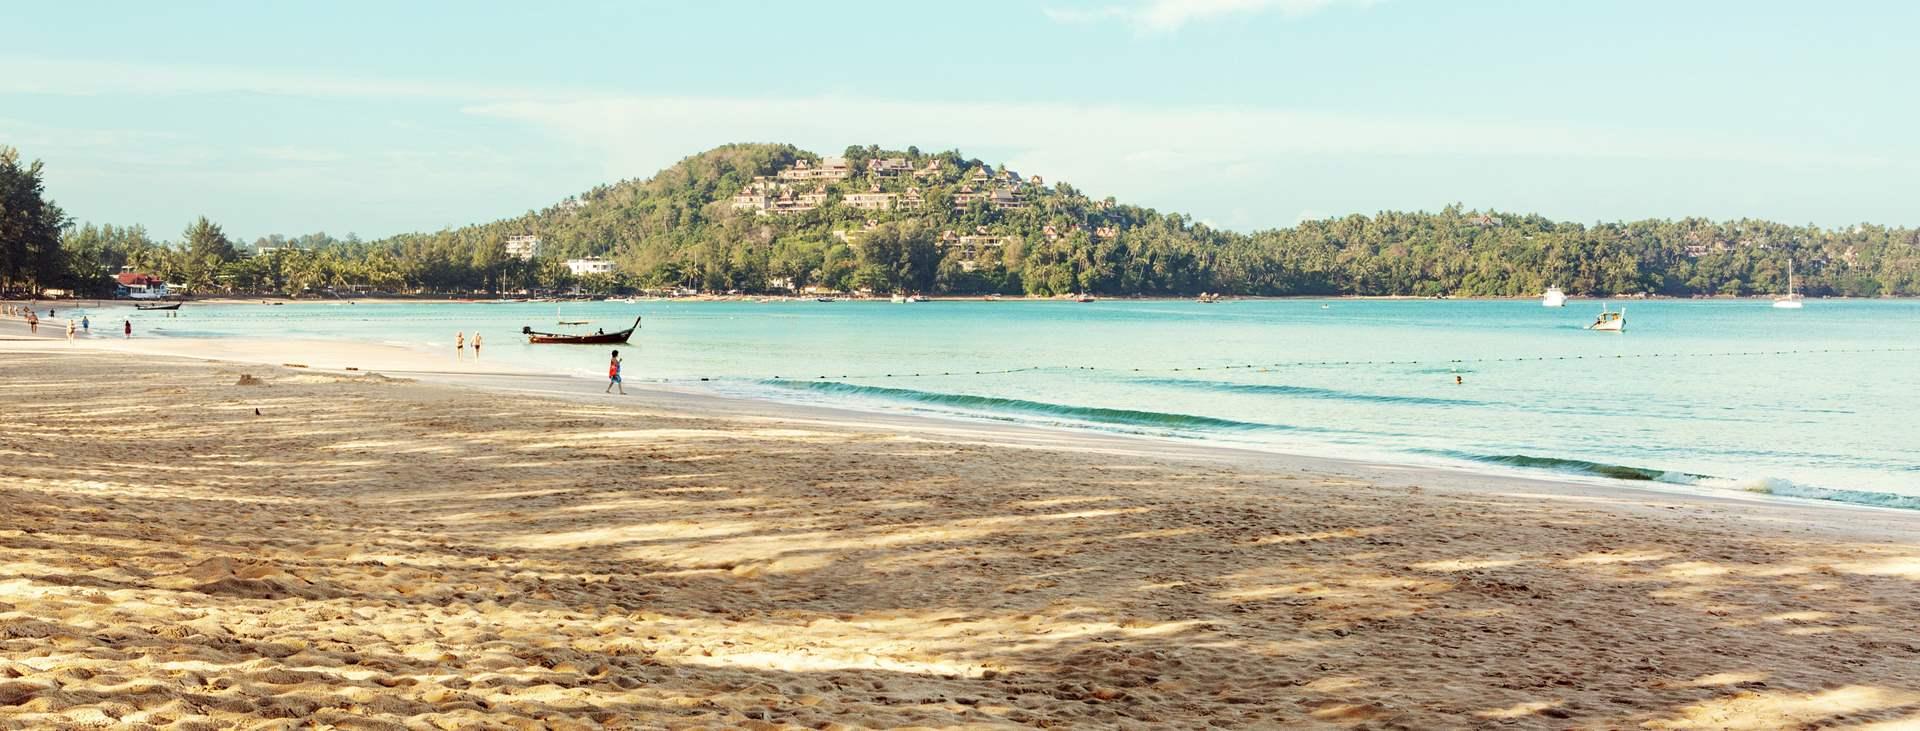 Varaa loma lapsiystävälliselle Bangtao Beachille, Thaimaahan